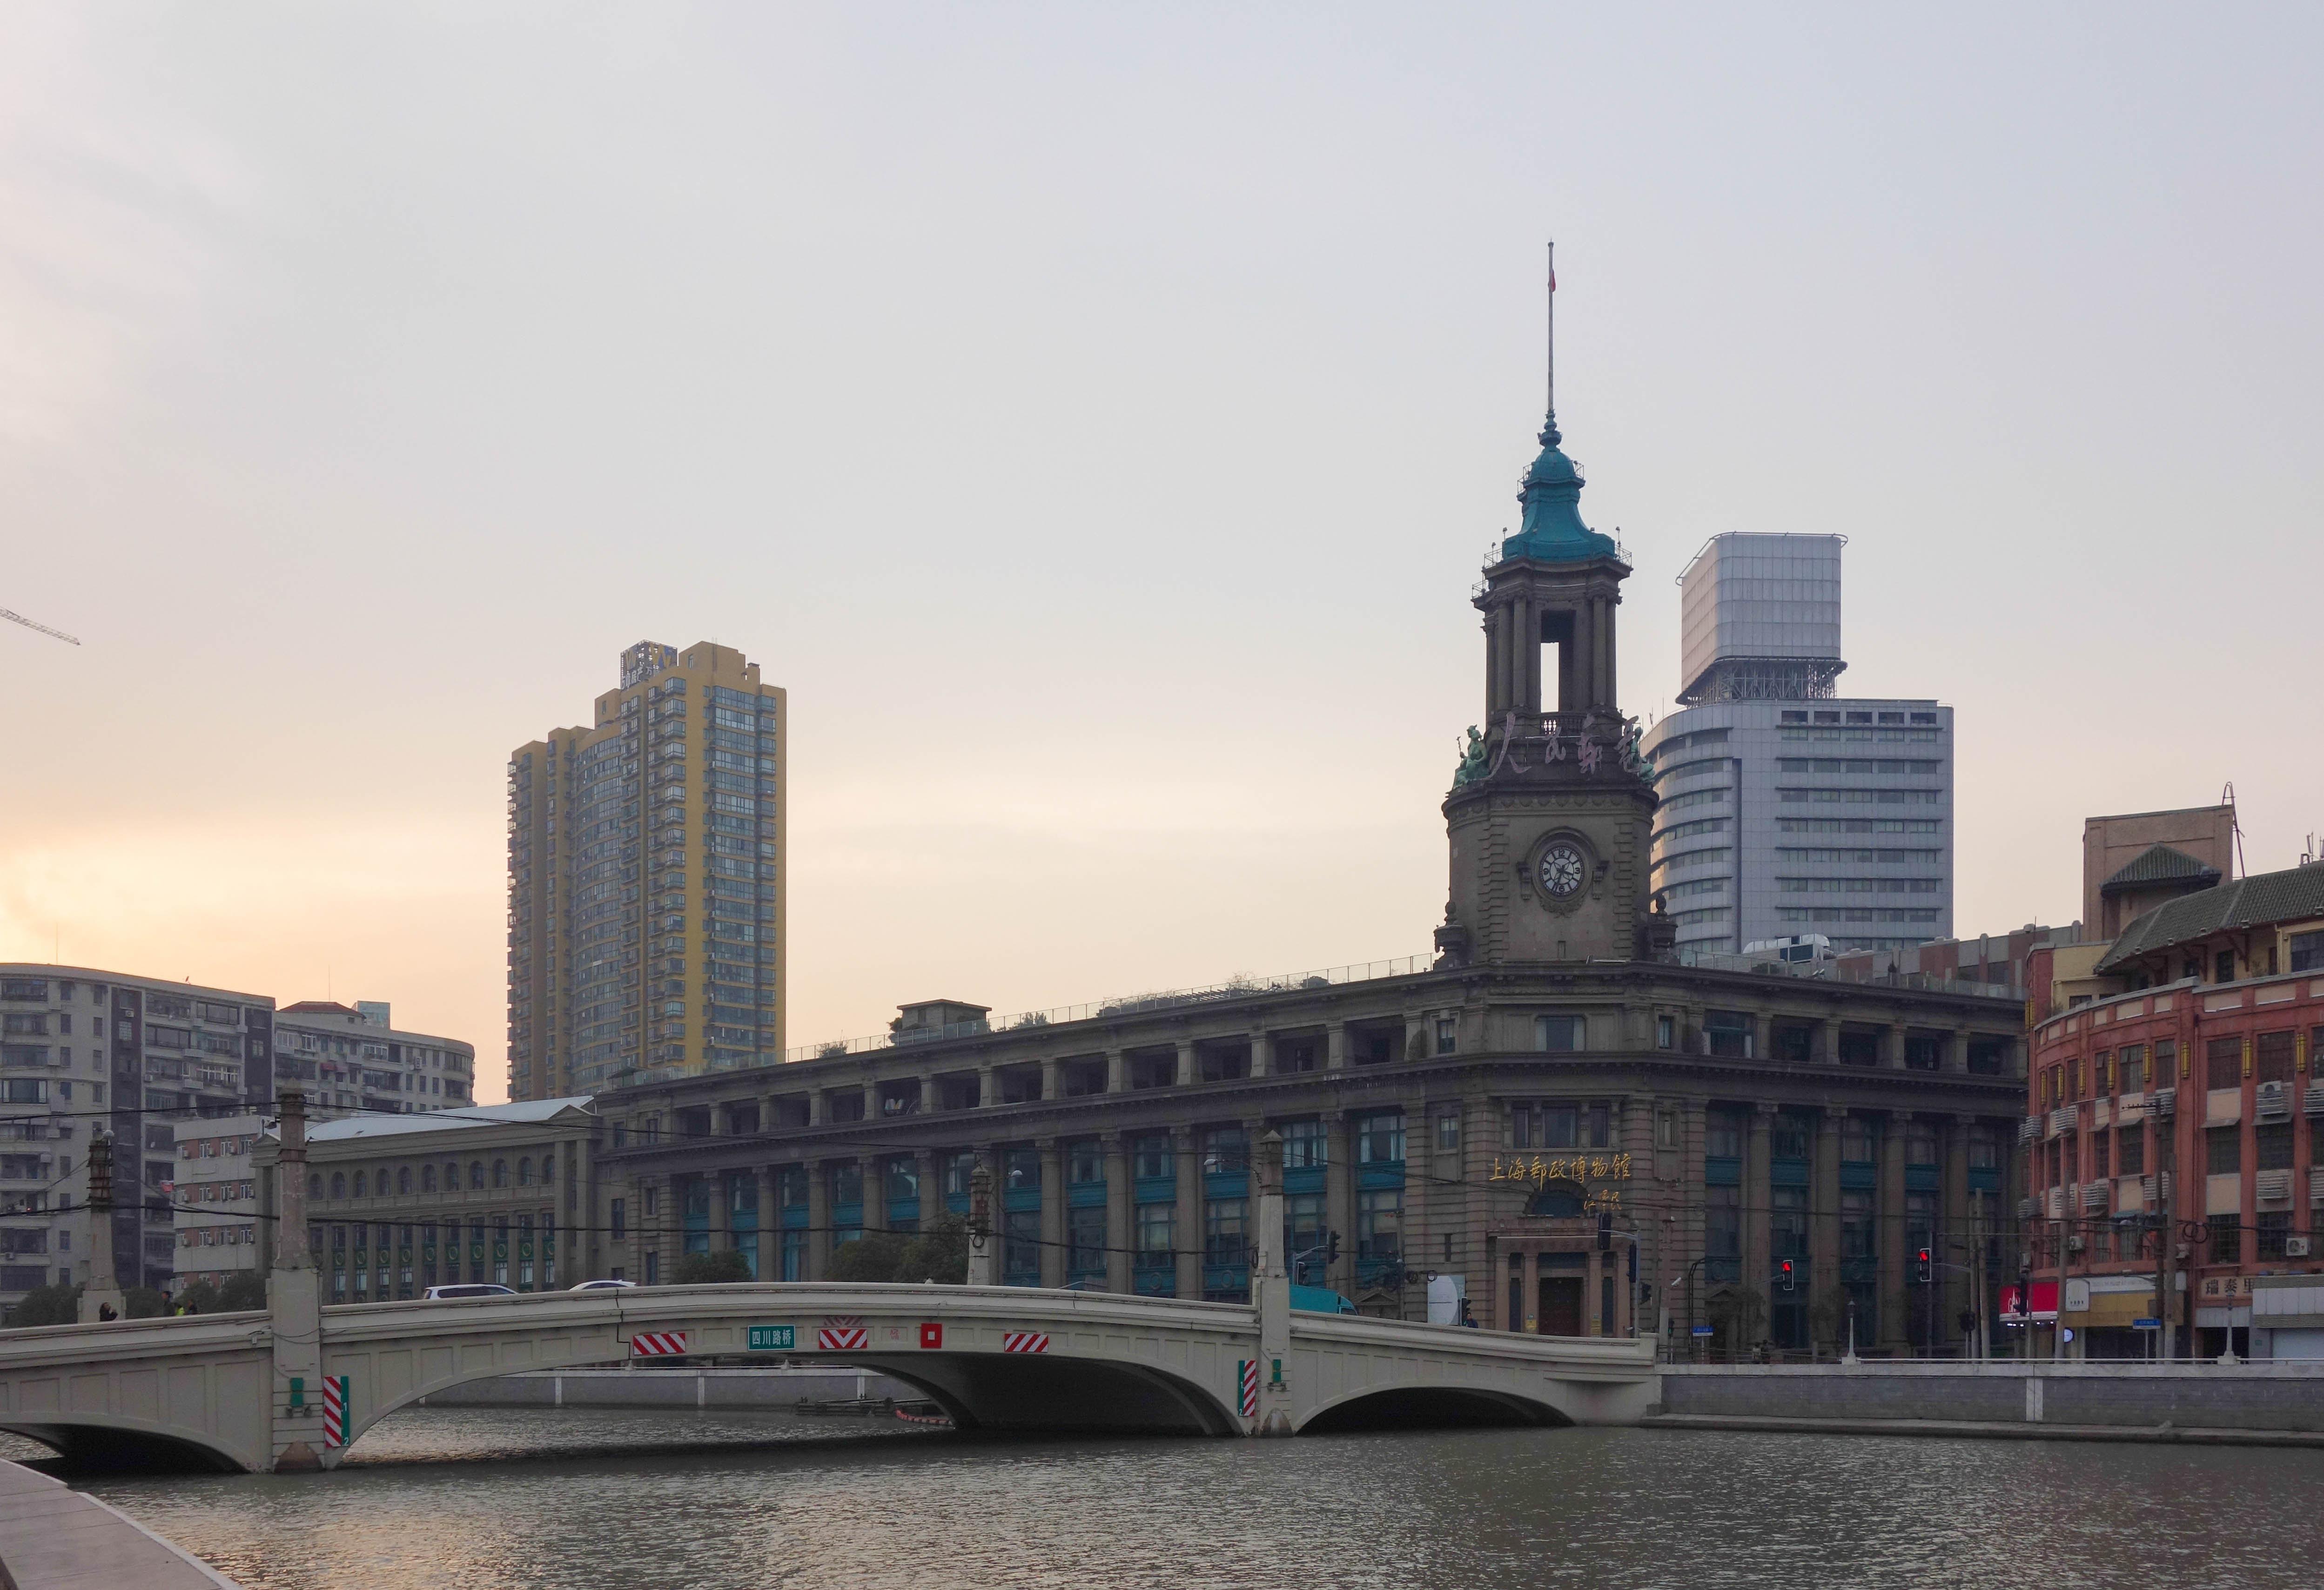 2018上海邮政博物馆_v门票门票_地址_攻略_攻略点评星青云魂游记图片